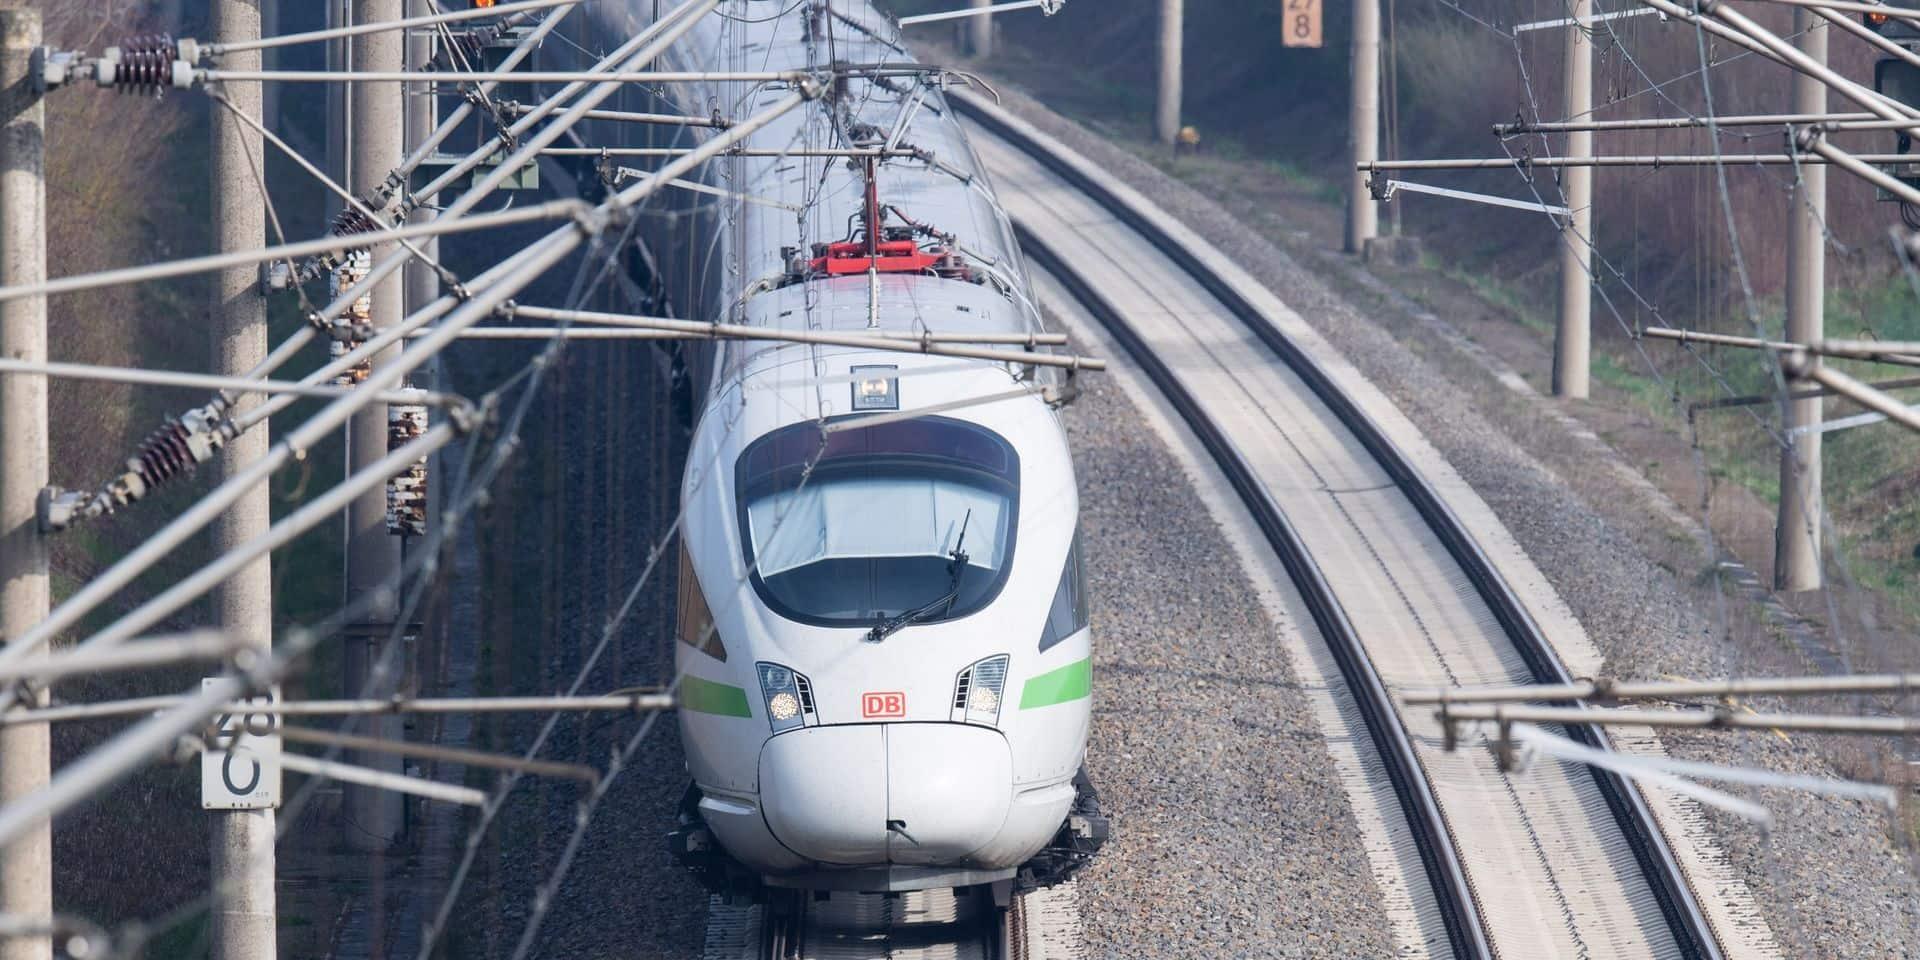 Bruxelles inflige 48 millions d'euros d'amende à la Deutsche Bahn